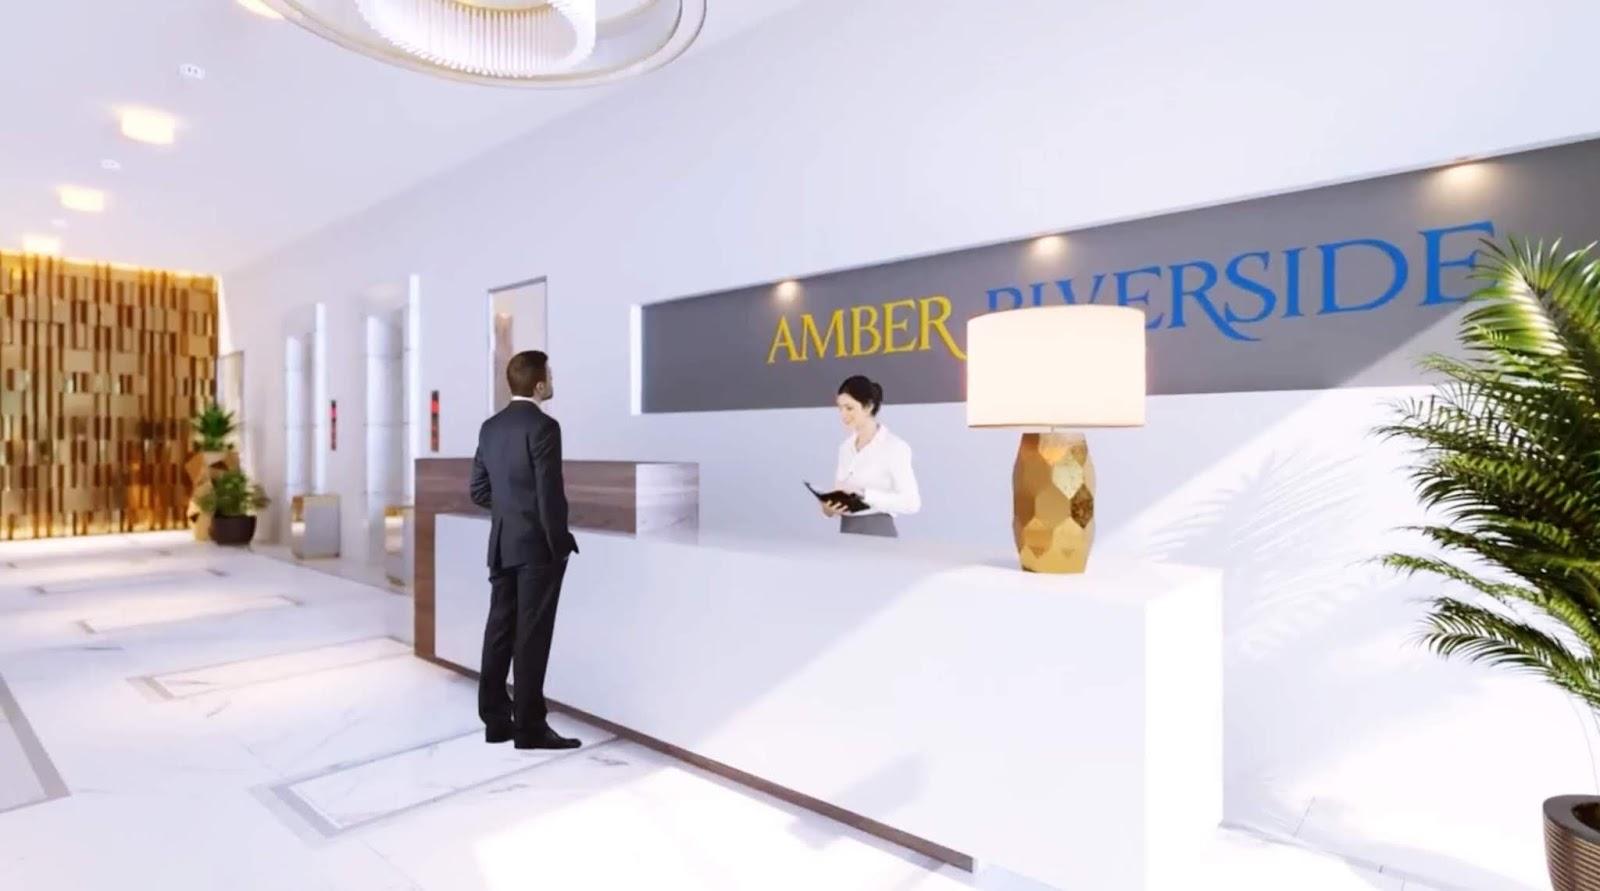 Sảnh đón tiếp cư dân sang trọng của Amber Riverside 622 Minh Khai